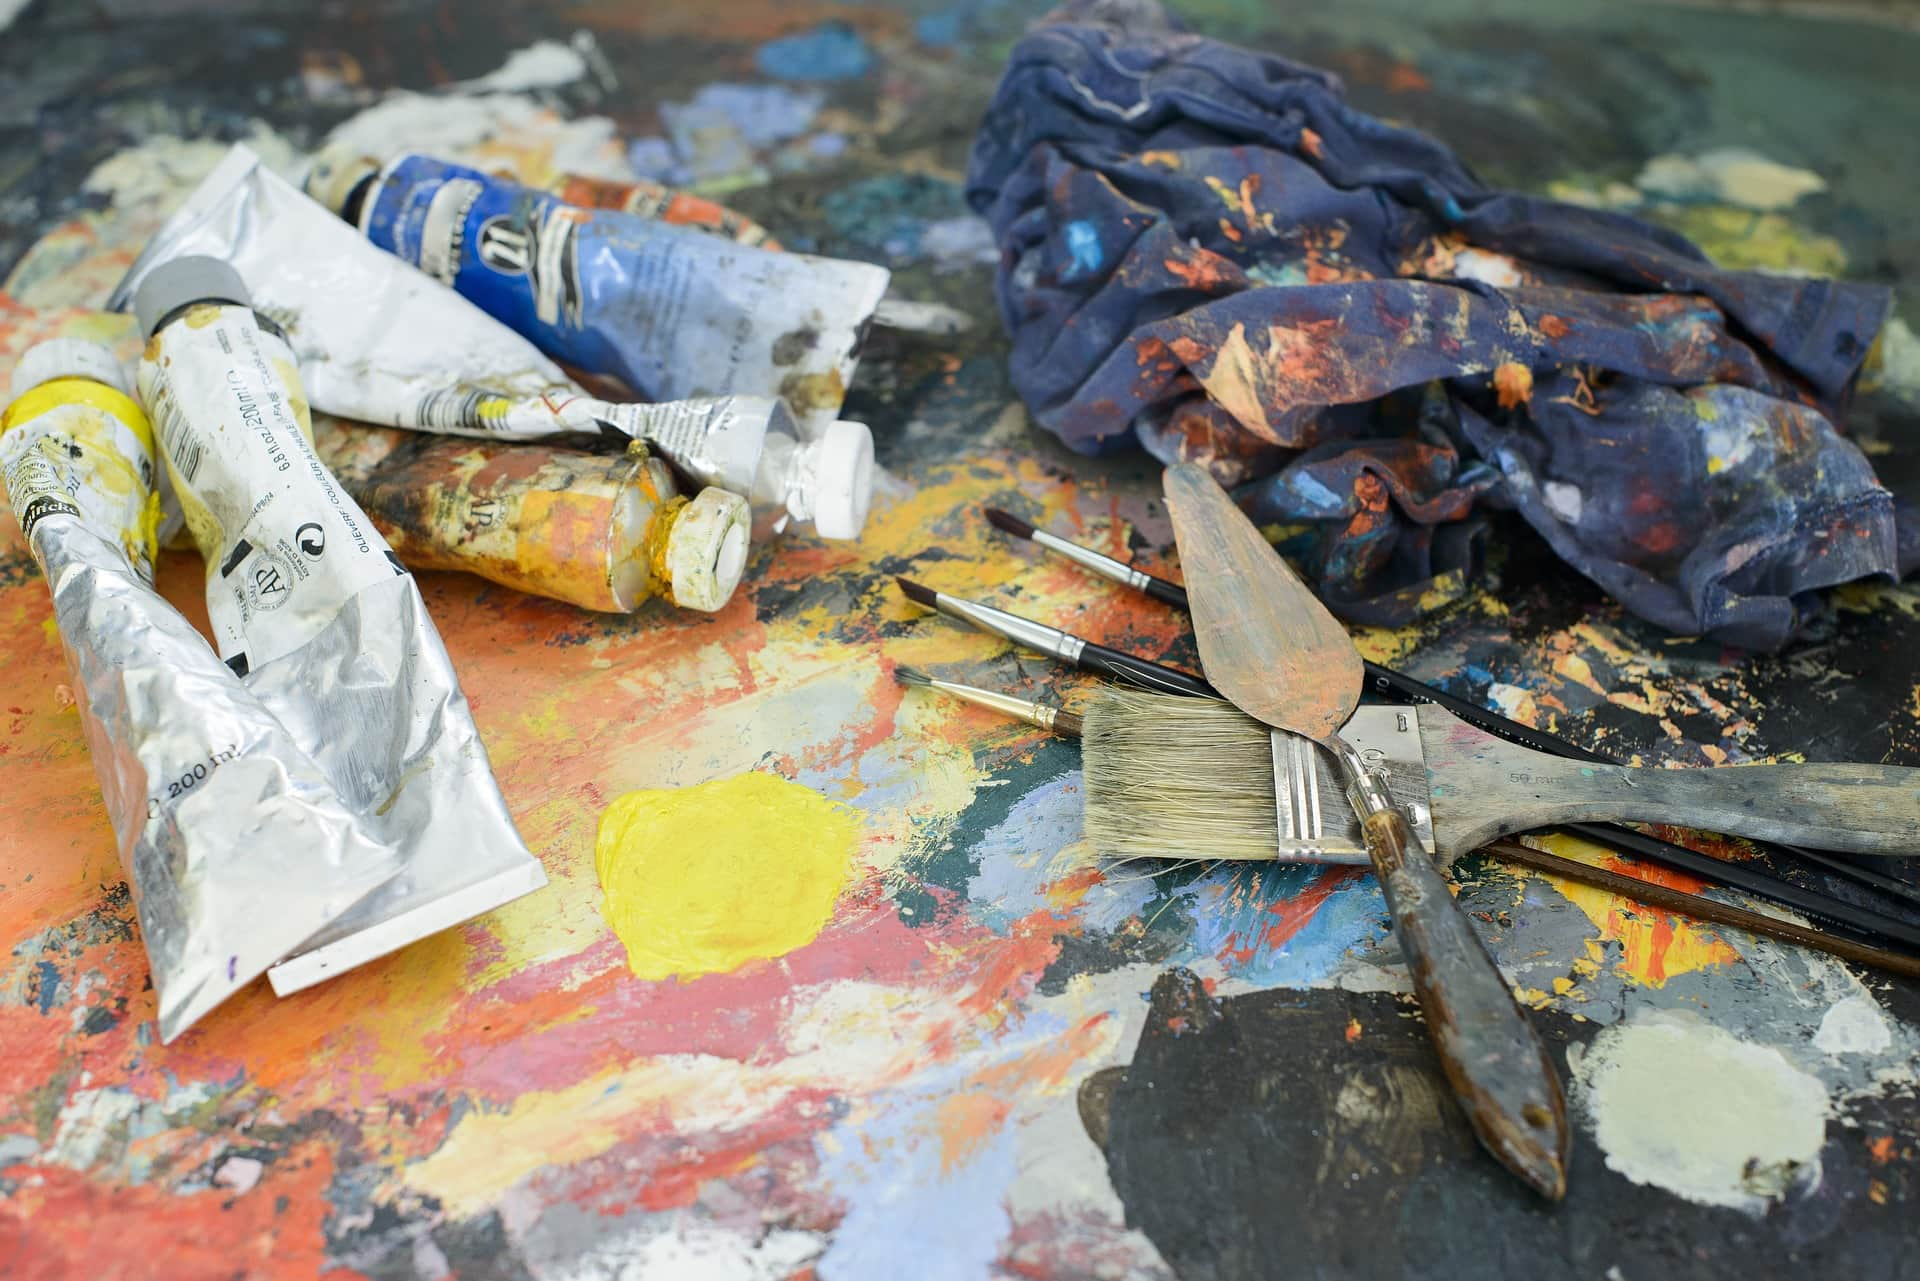 ein Malertisch mit Farben und Spachtel - bunt